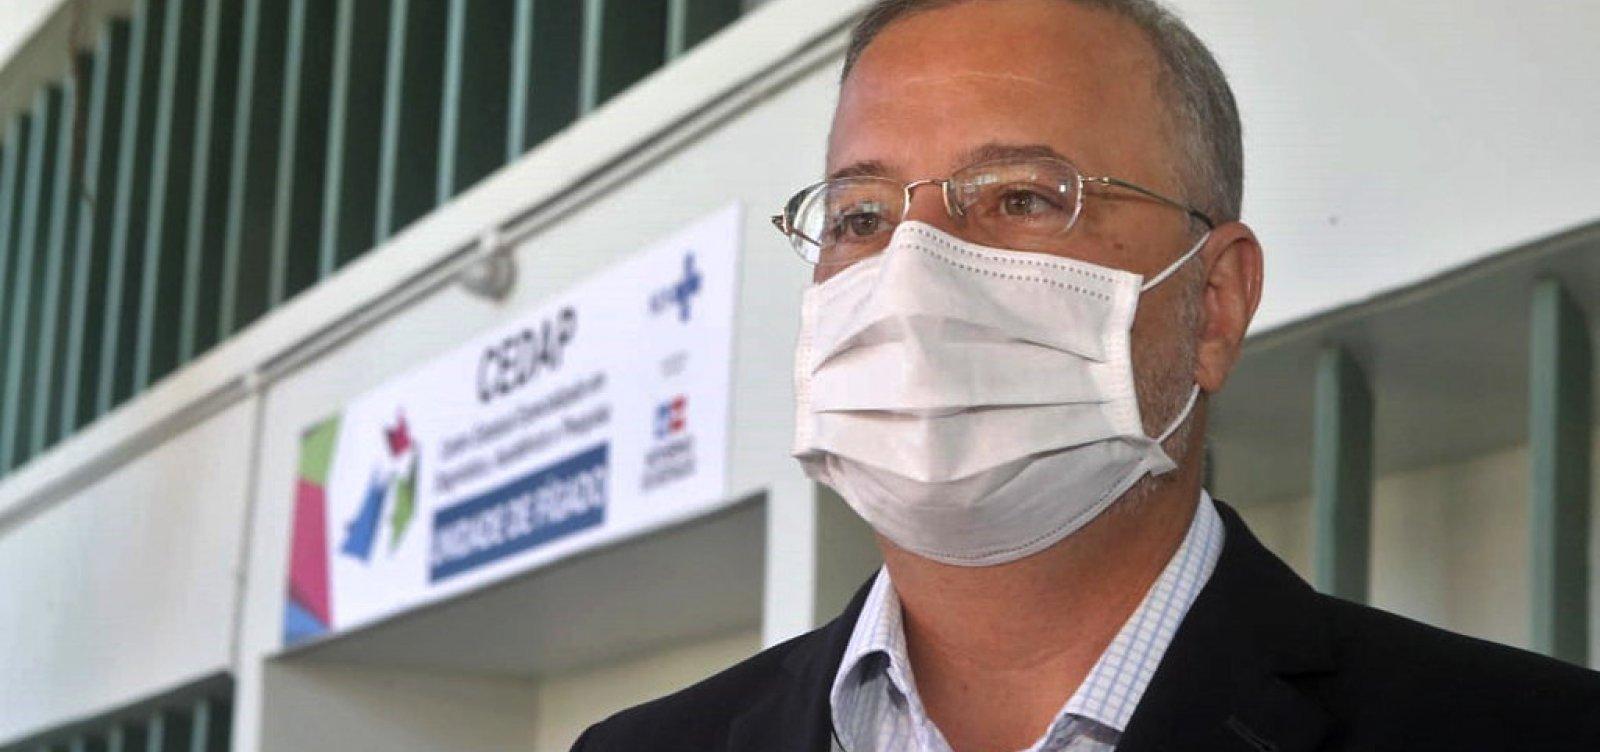 Secretário de Saúde da Bahia alerta para alta ocupação de leitos de UTI para Covid-19 no estado